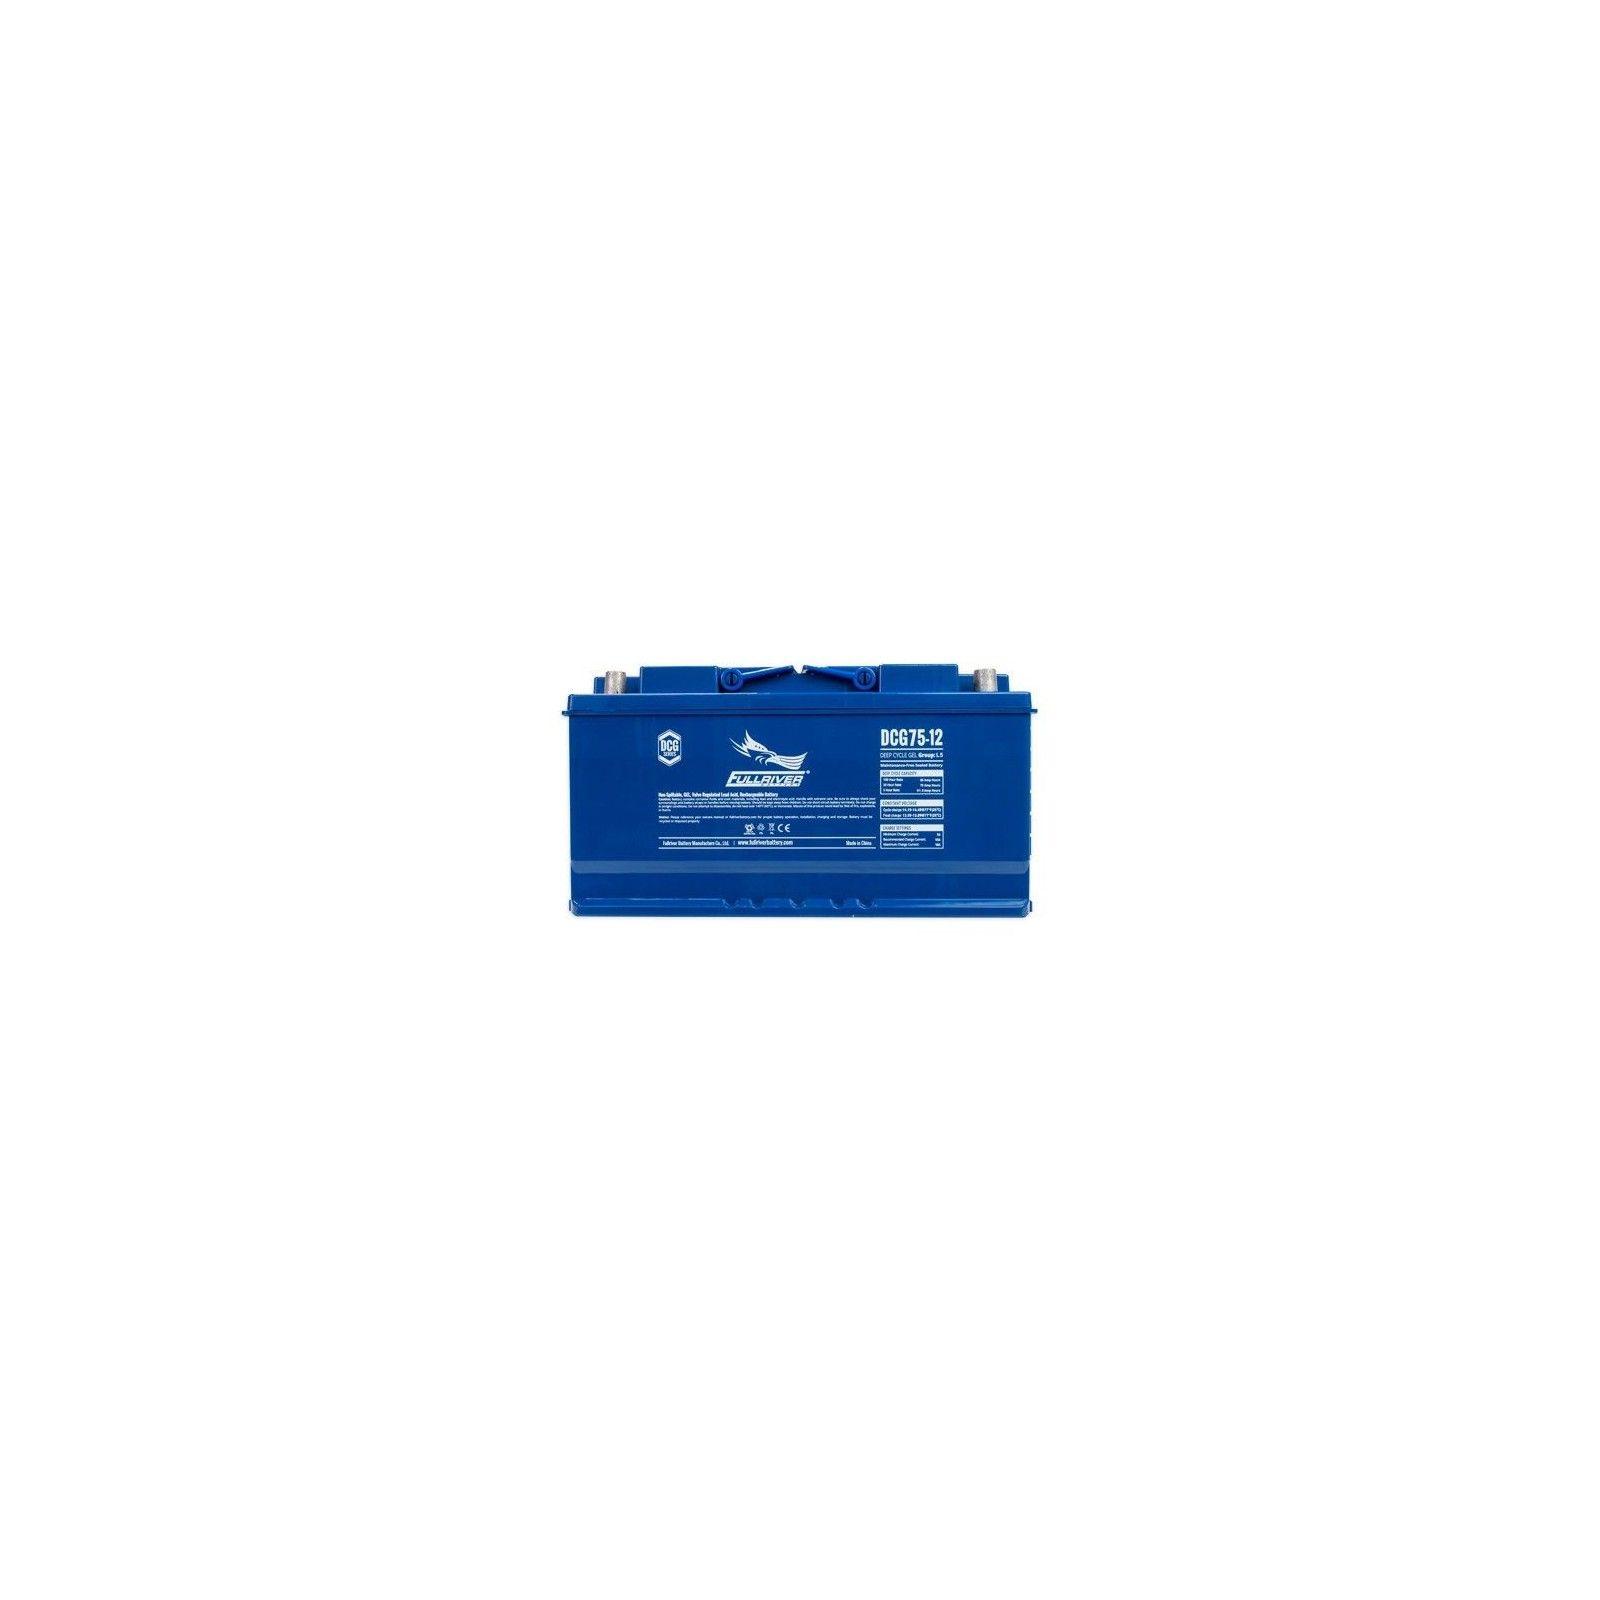 Batería Fullriver DCG75-12 75Ah 12V Dcg FULLRIVER - 1